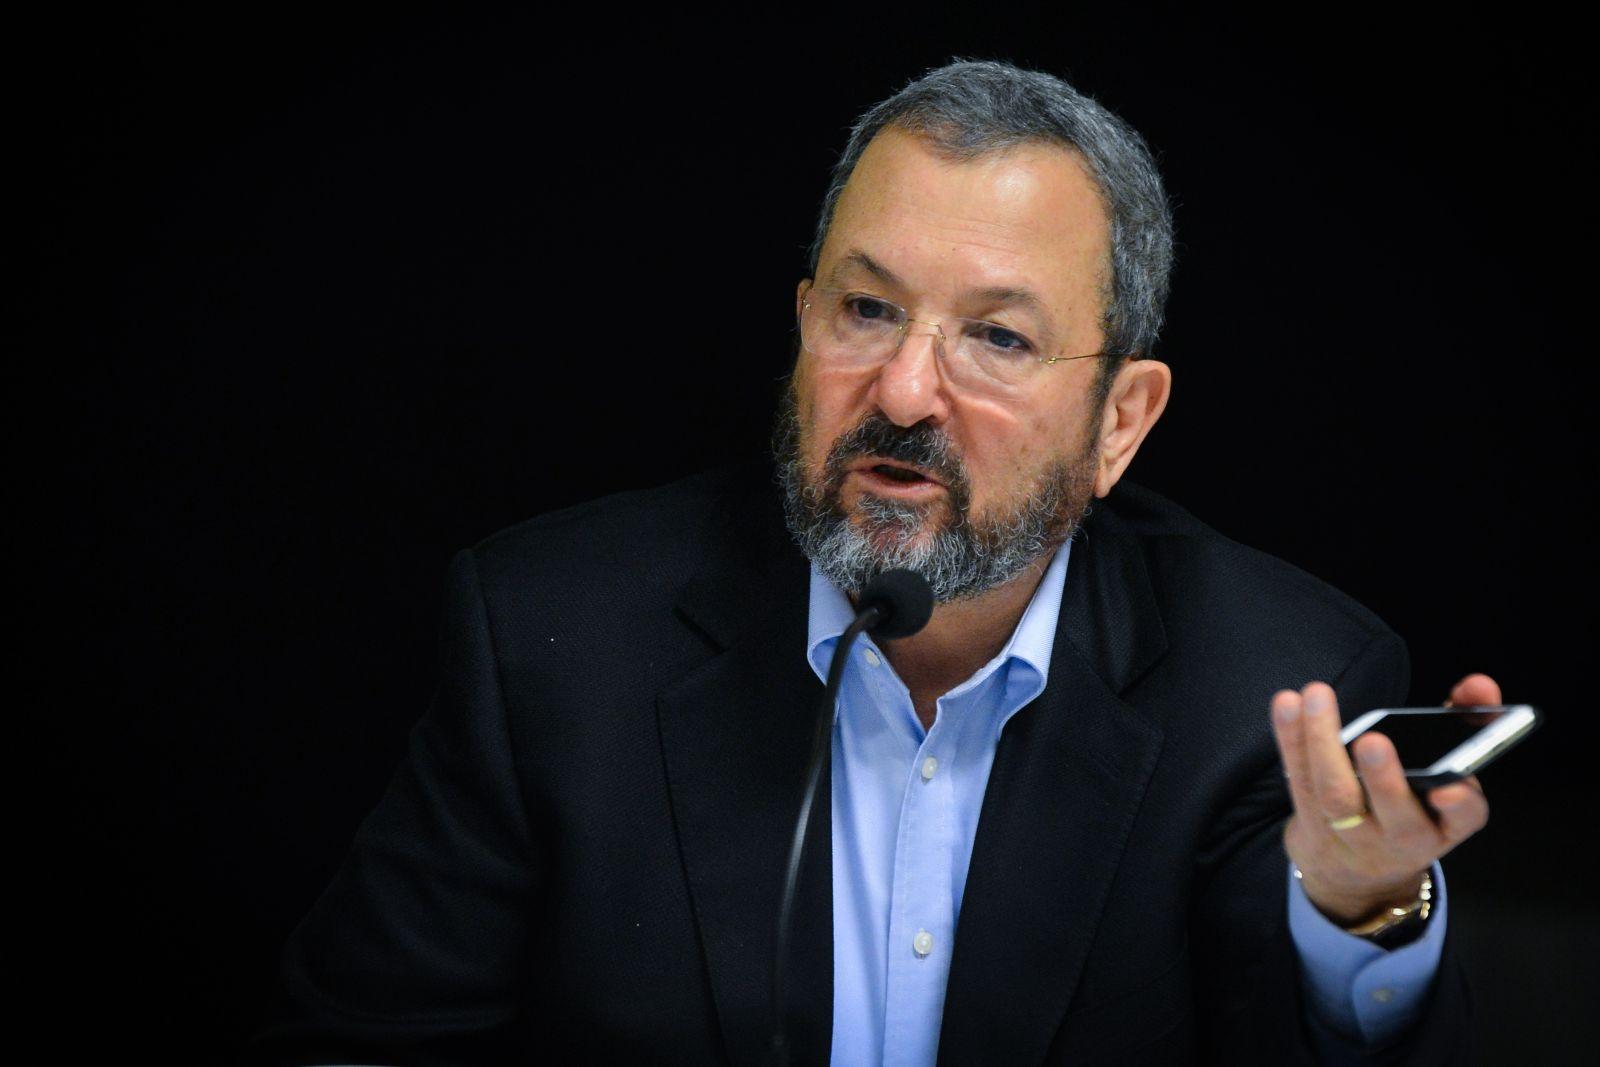 ادعای شبکه اسرائیلی درباره هک تلفن ایهود باراک - 0